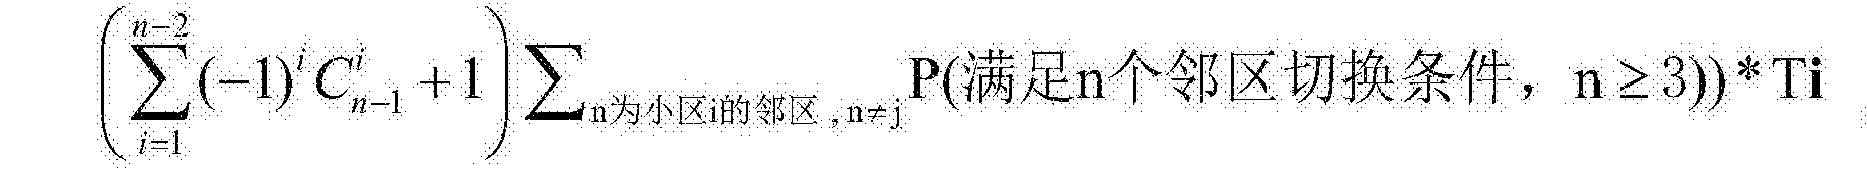 Figure CN104219707BC00023